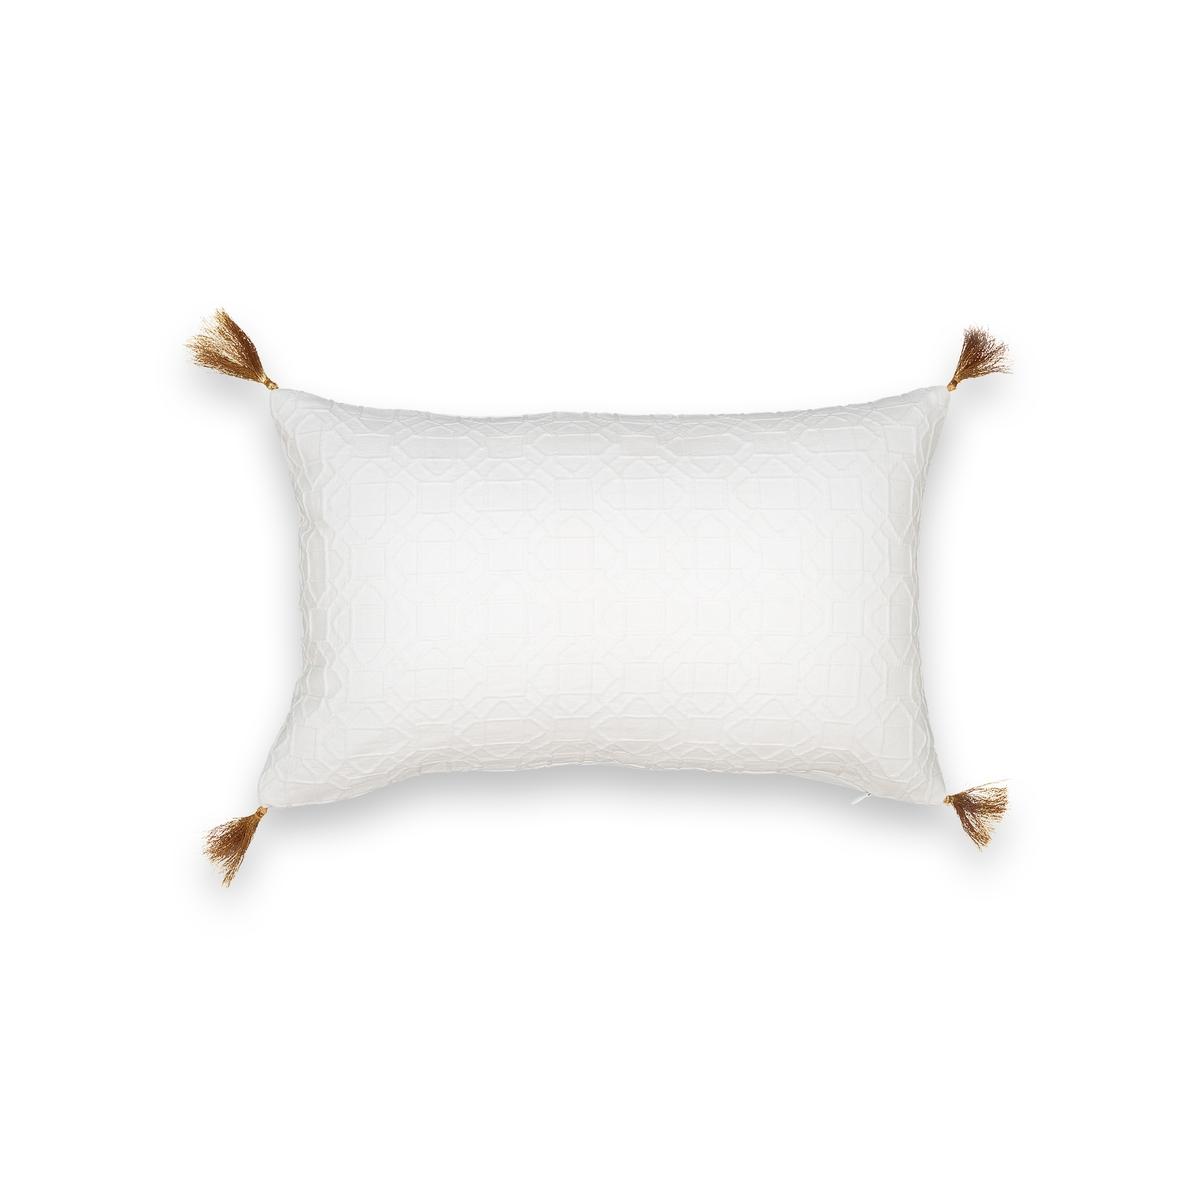 Чехол на подушку-валик HerseloЧехол на подушку-валик Herselo. Жаккардовый рисунок в тон, красивая отделка кисточками из золотистых нитей по 4 углам. 100% хлопок. Скрытая застежка на молнию. Размер : 50 x 30 см. Стирать при 30° на деликатном режиме. Подушка продается отдельно.<br><br>Цвет: белый,зеленый